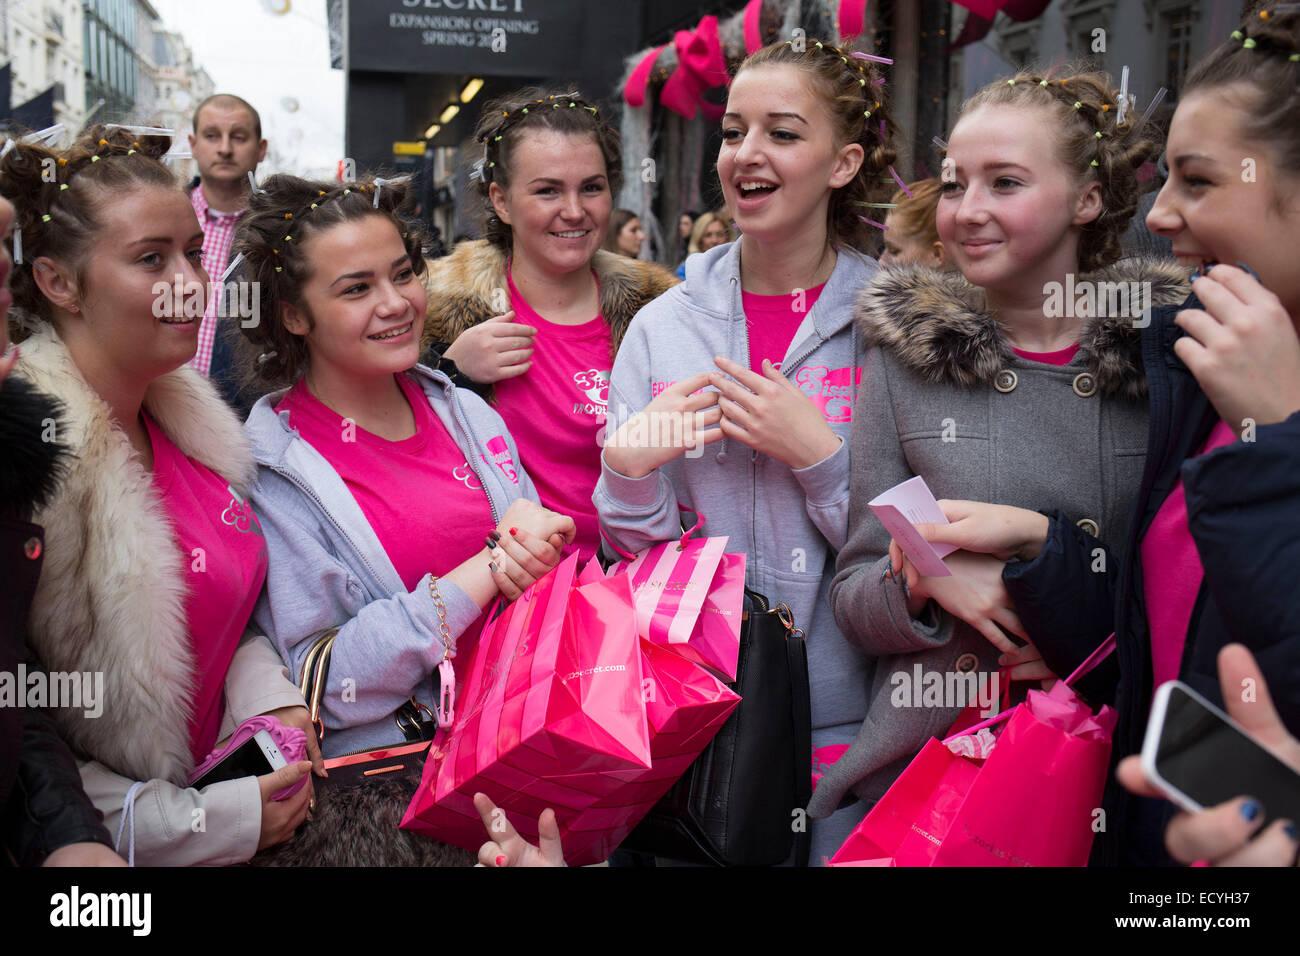 El grupo de niñas con su pelo en rulos y vestidos de rosa. Londres, Reino Unido. Imagen De Stock